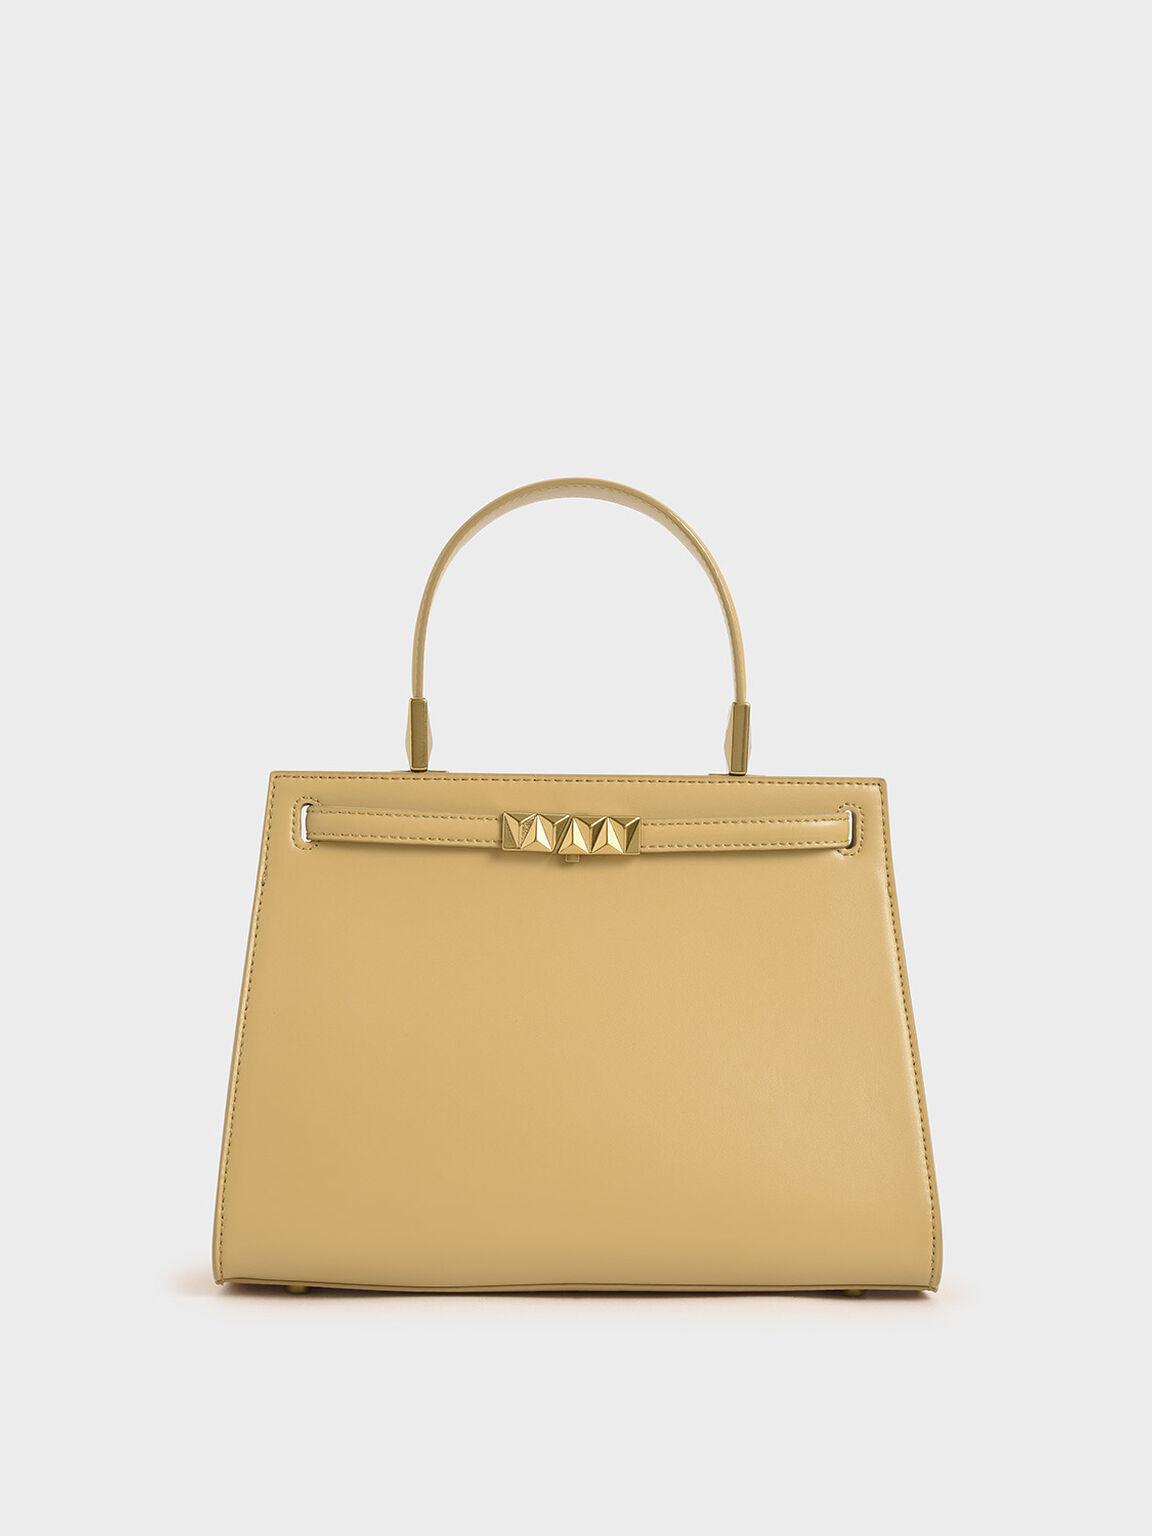 三角立體釦手提包, 黃色, hi-res